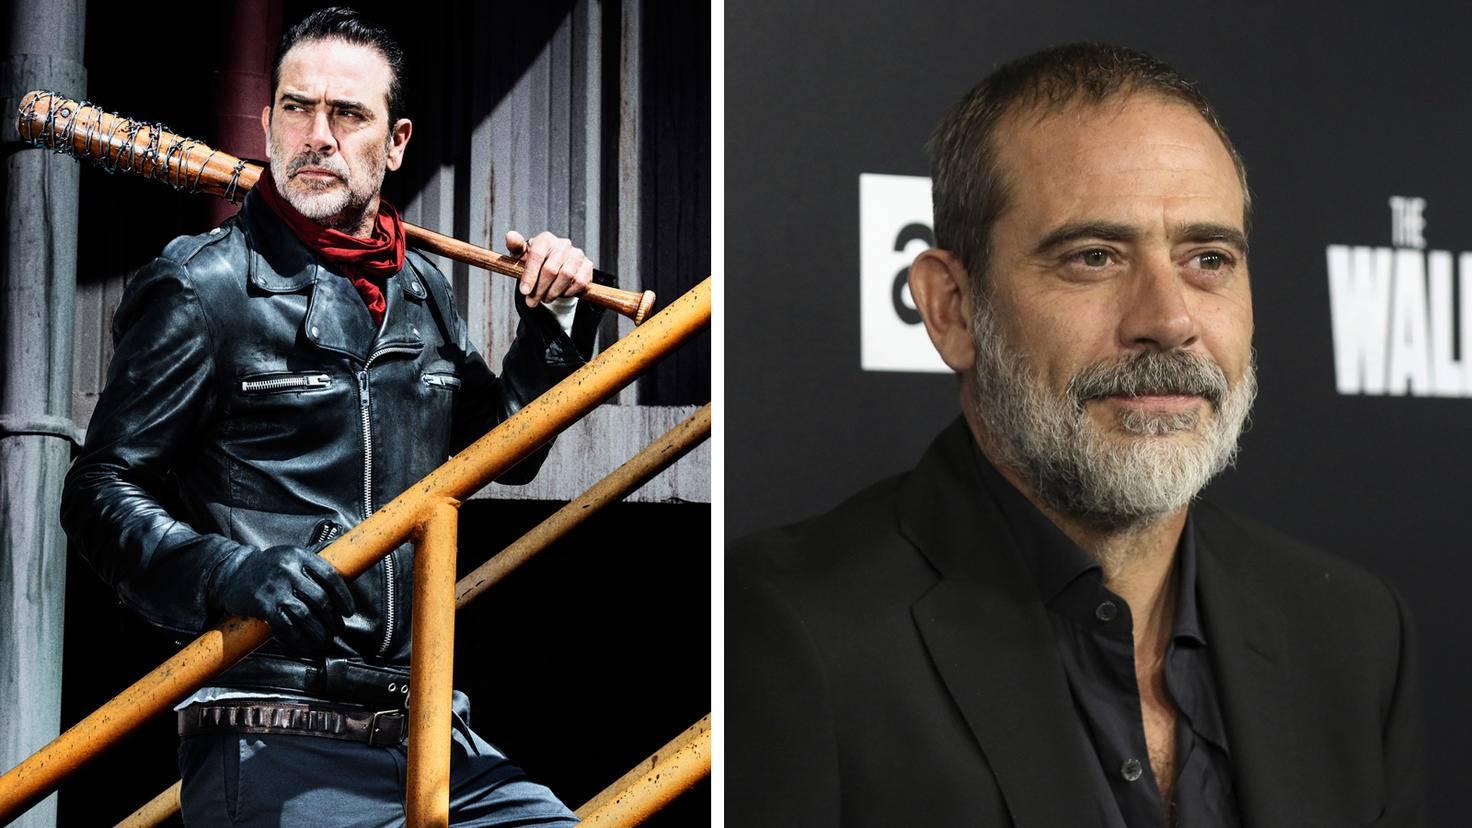 The Walking Dead-S08-Negan-AMC-Jeffrey Dean Morgan-picture alliance AP Photo-113044989